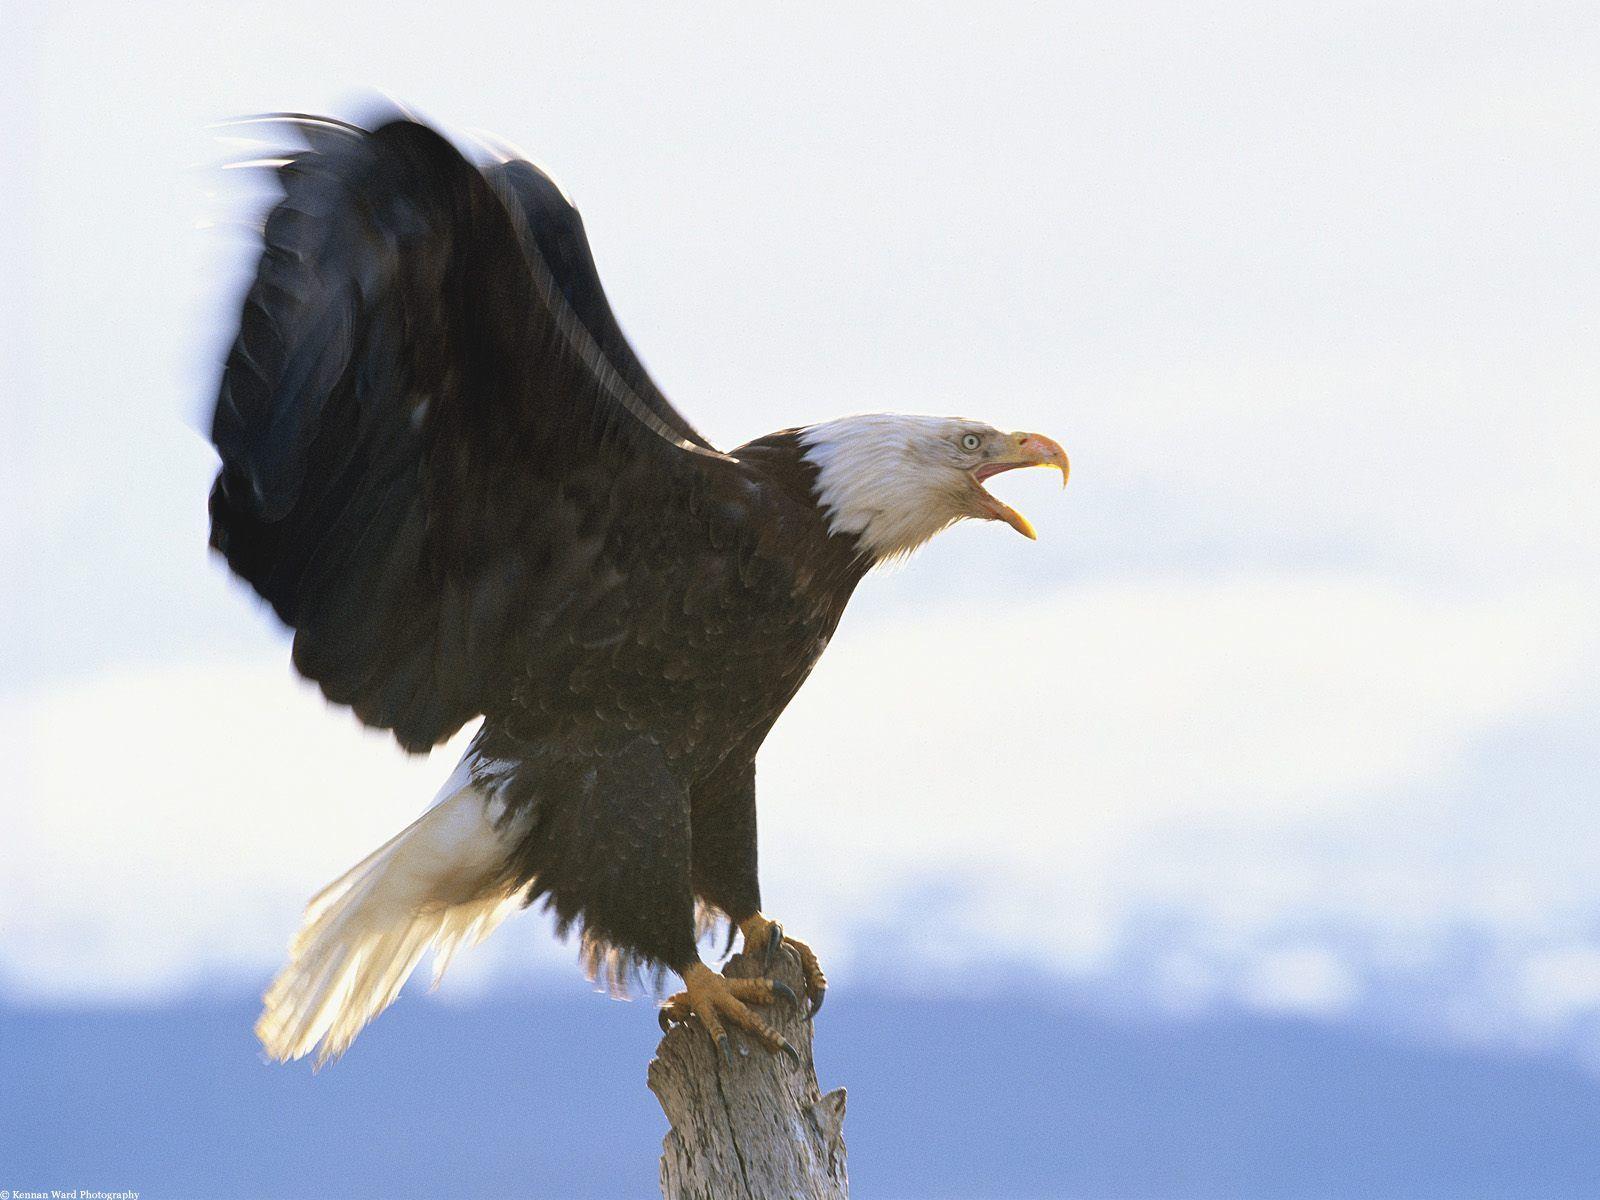 四个关于老鹰的故事 - 职业化训练专业培训师 - 职业培训师 高献洋的博客工作室